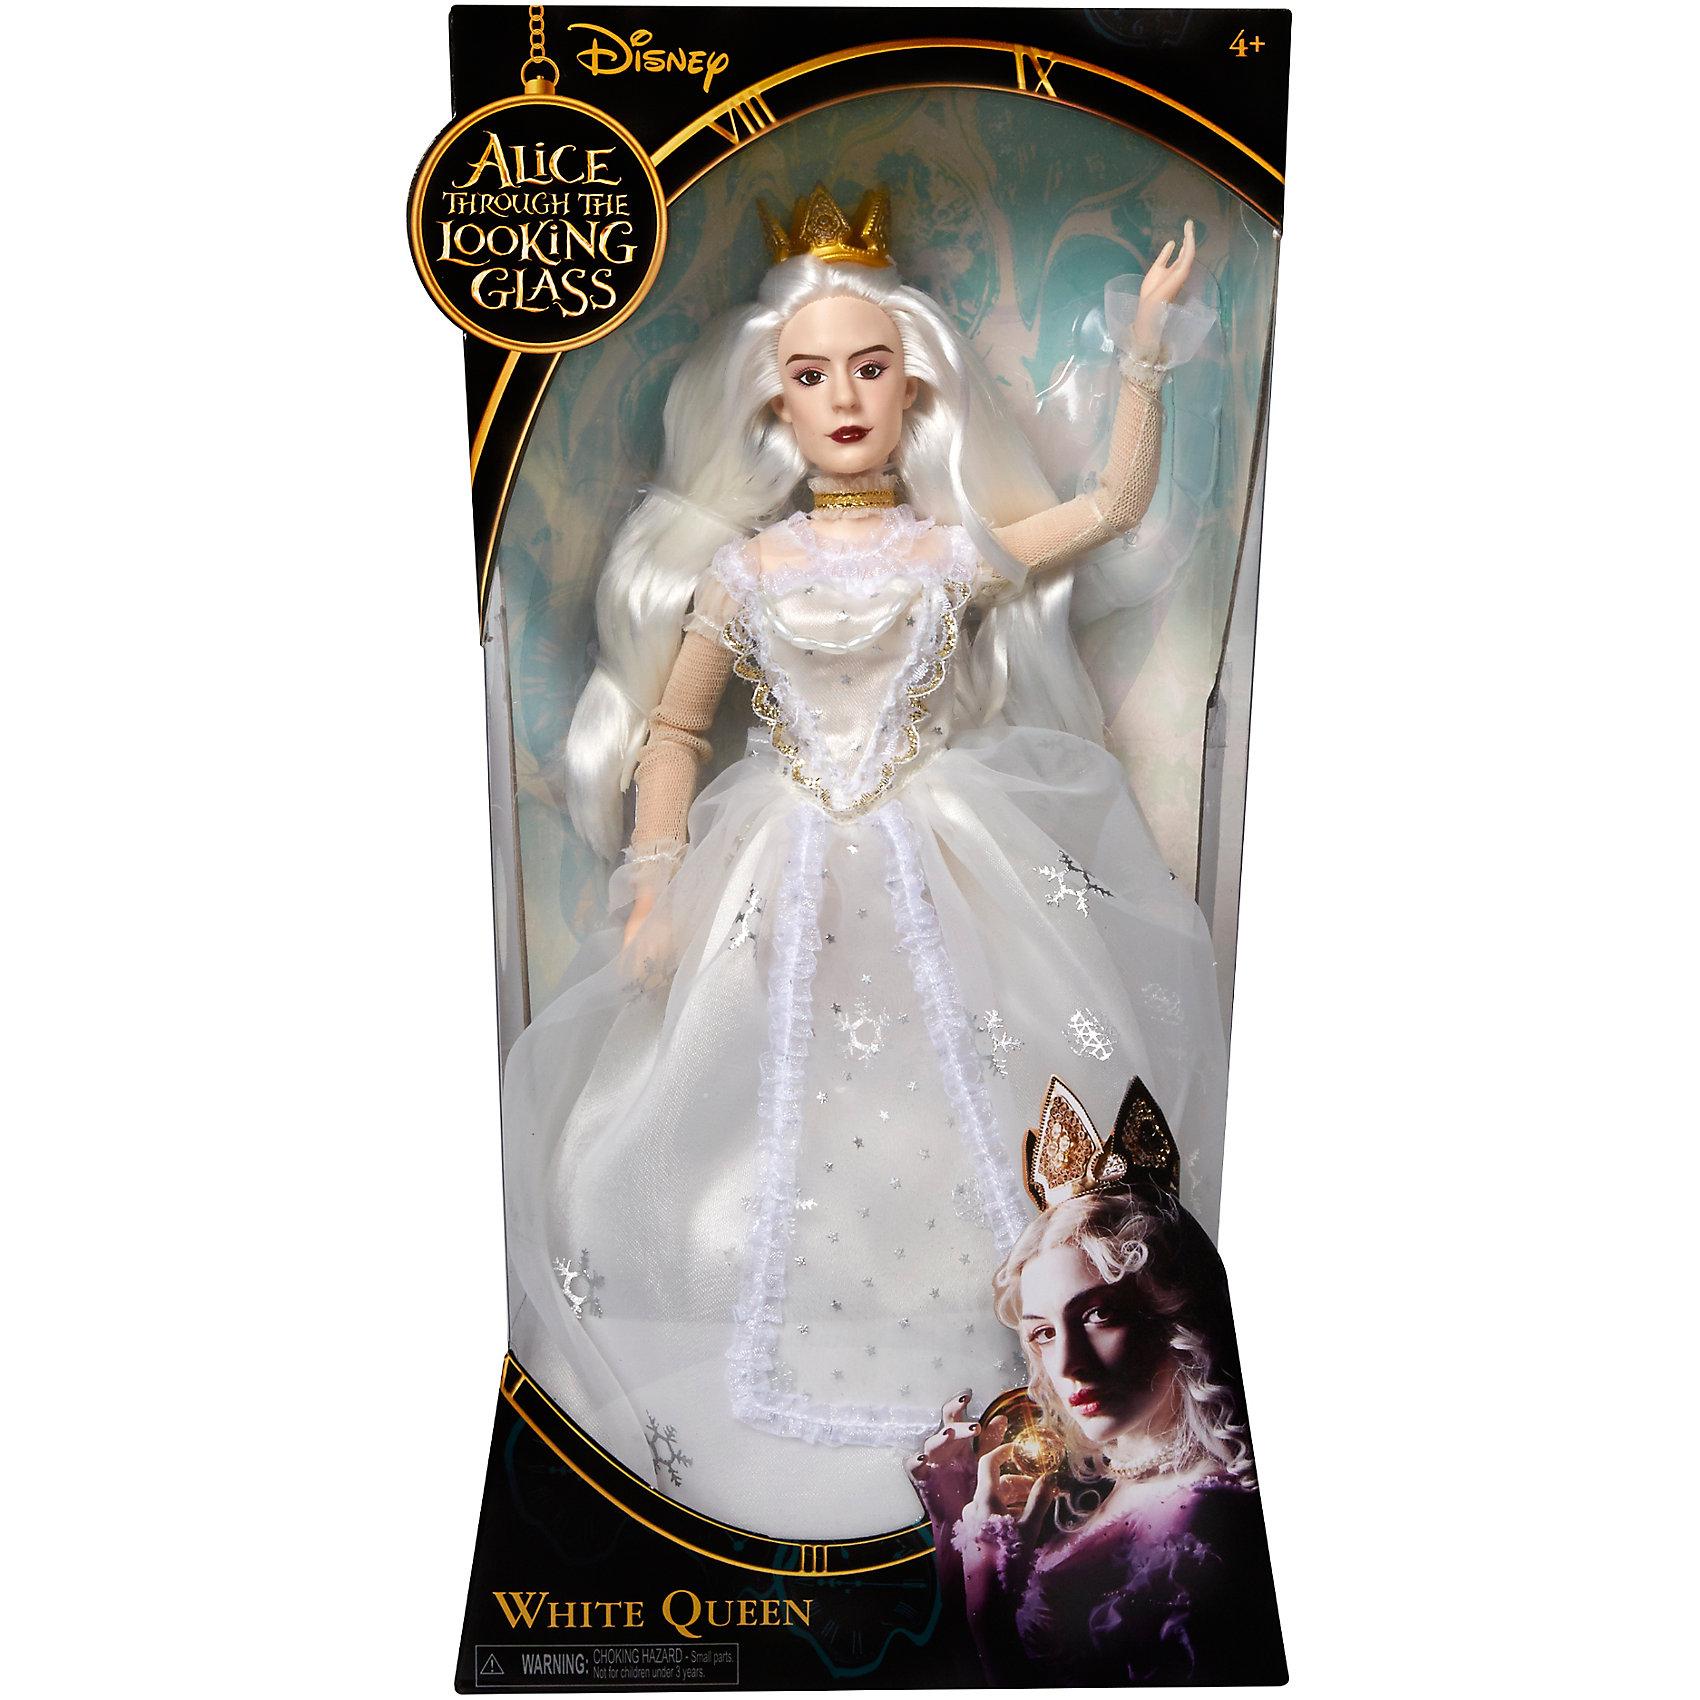 Классическая кукла Белая Королева, Алиса в ЗазеркальеИгрушки<br>Классическая кукла Белая Королева – эта кукла, имеющая огромное сходство с героиней фильма.<br>Кукла в образе Белой королевы, героини фильма «Алиса в Зазеркалье» очень похожа на актрису Энн Хэтэуэй, которая сыграла эту роль в киноленте. Кукла одета в платье из белой и серебряной фольги с жемчугом. Дополнительные аксессуары корона, кружева и колье добавляют кукле оригинальности и изящества. Длинные белые волосы уложены в фирменную прическу из фильма. Голова, руки и ноги у куклы вращаются. Руки сгибаются в районе локтей, благодаря встроенным шарнирам.<br><br>Дополнительная информация:<br><br>- Высота: 29 см.<br>- Материал: пластик, текстиль<br><br>Классическую куклу Белая Королева можно купить в нашем интернет-магазине.<br><br>Ширина мм: 18<br>Глубина мм: 80<br>Высота мм: 360<br>Вес г: 450<br>Возраст от месяцев: 36<br>Возраст до месяцев: 1188<br>Пол: Женский<br>Возраст: Детский<br>SKU: 4751314